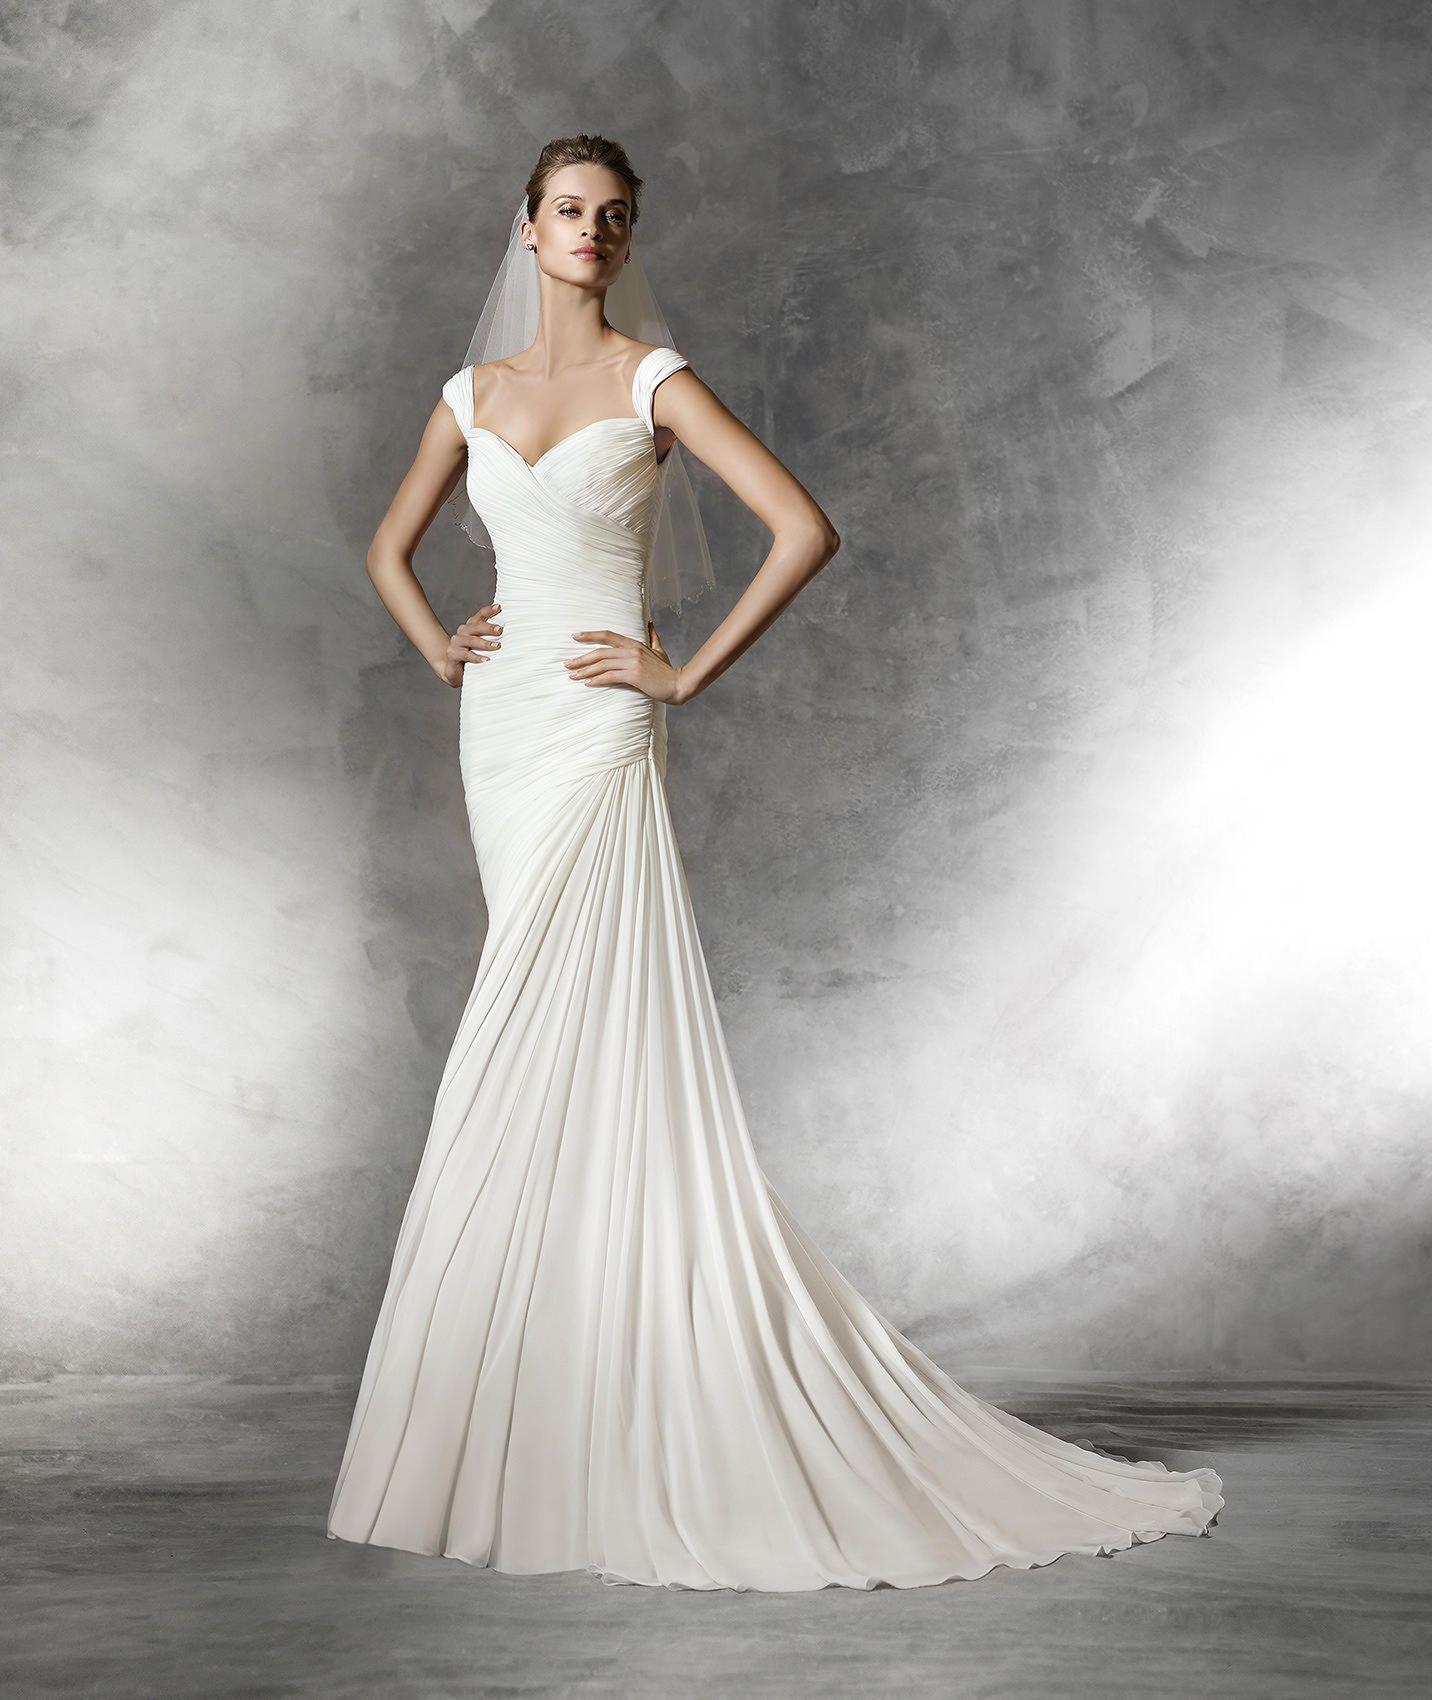 BENA - Vestido de novia moderno con escote de pico | Pronovias ...